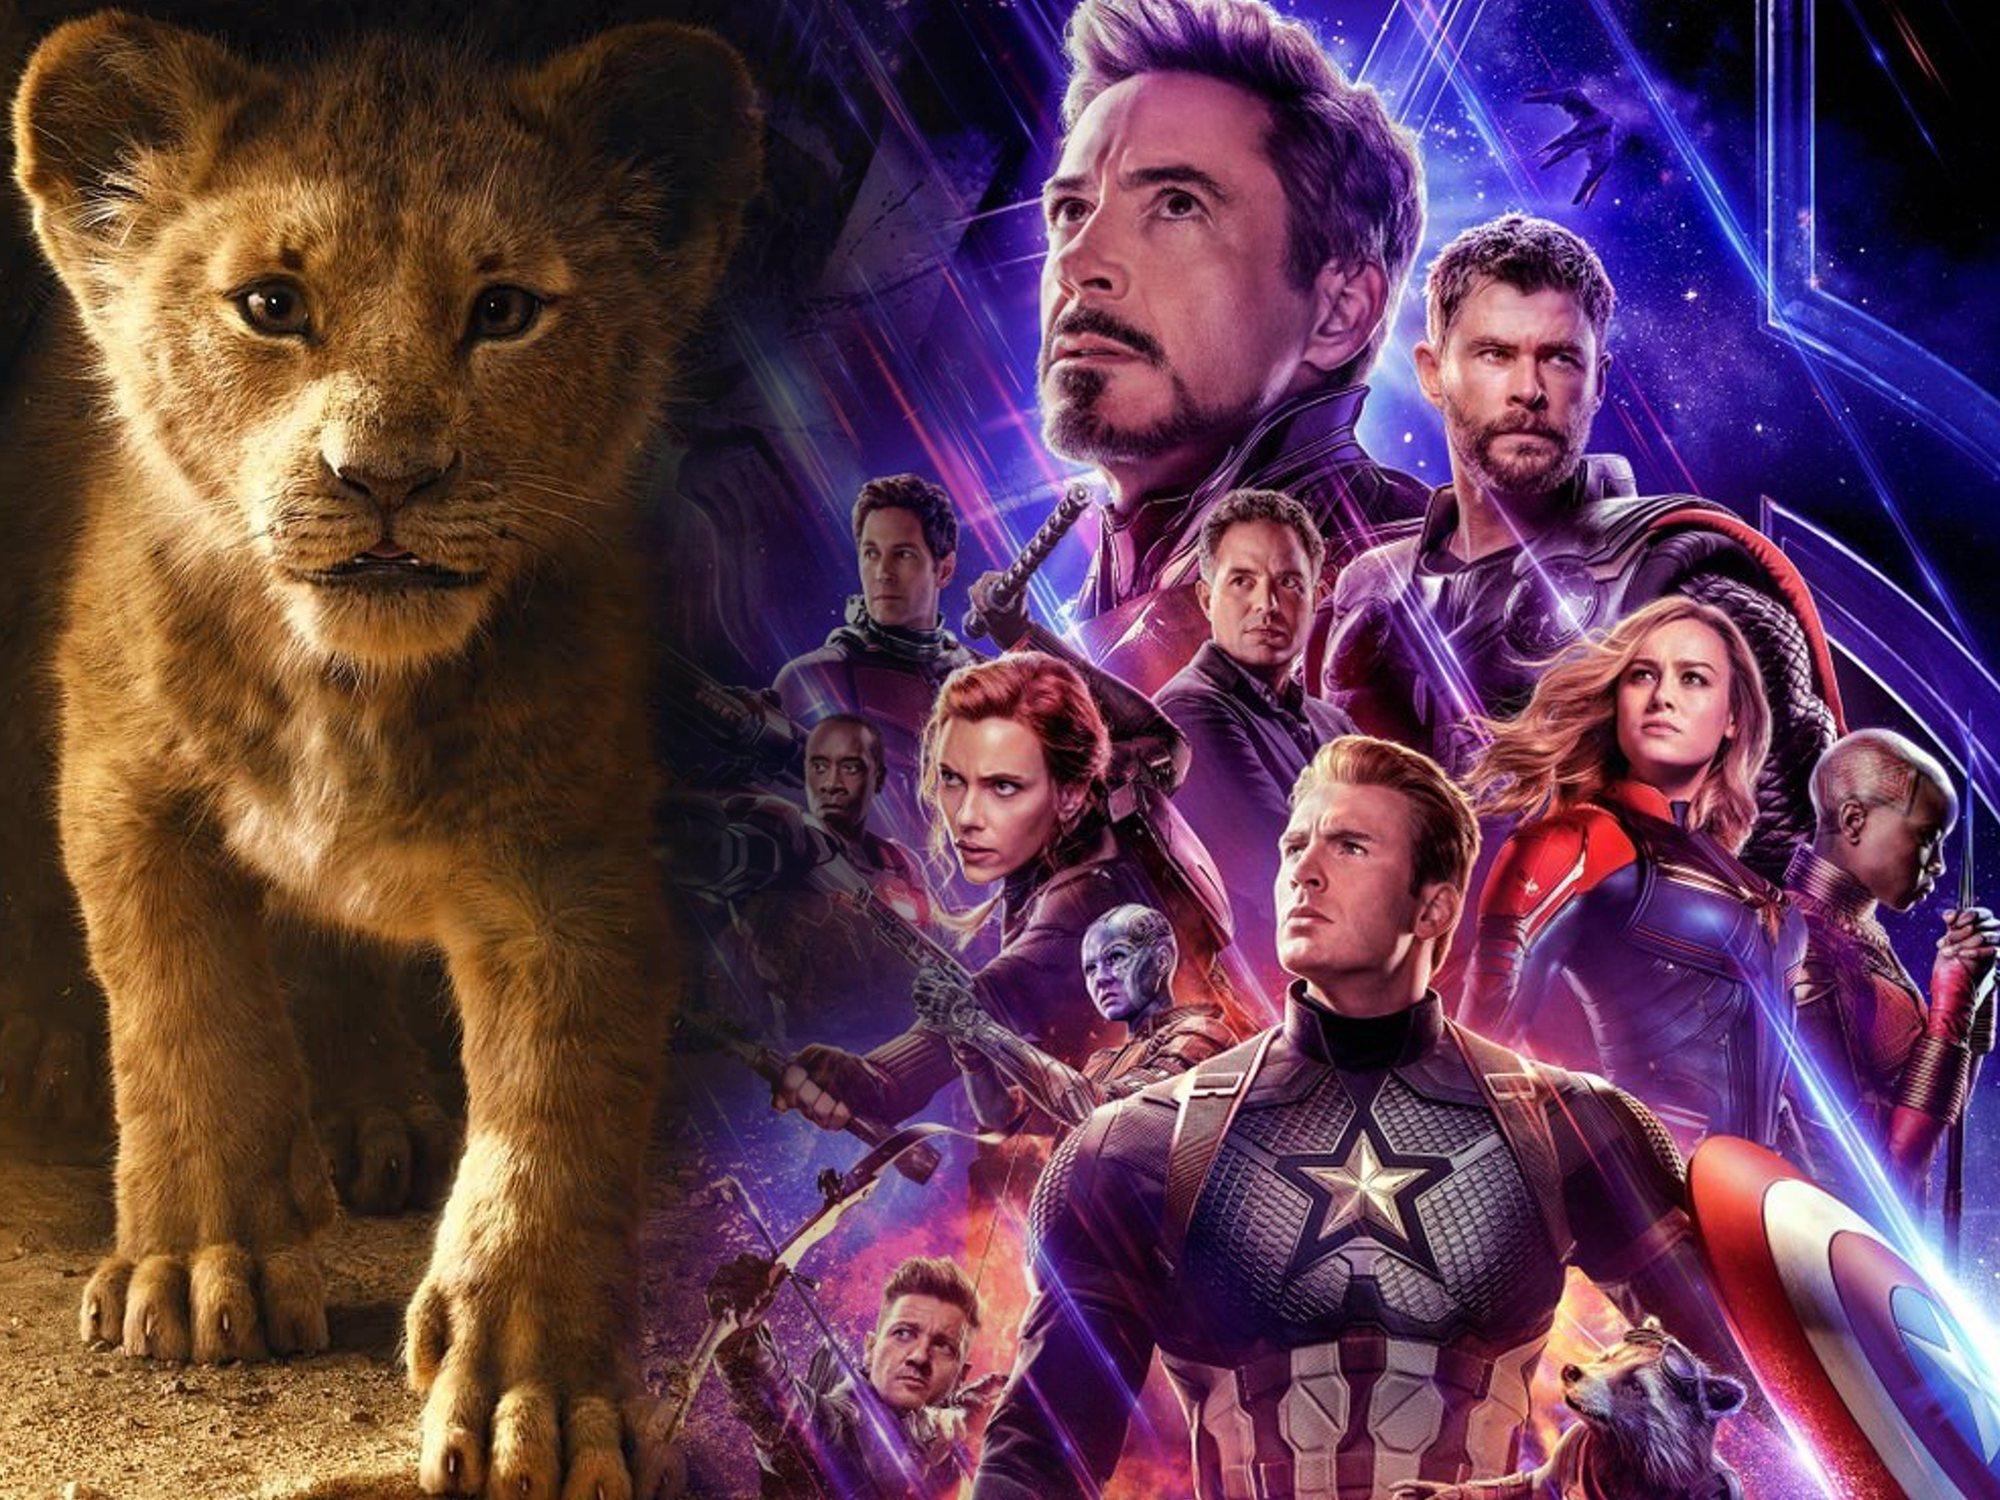 Las 10 películas más taquilleras de 2019